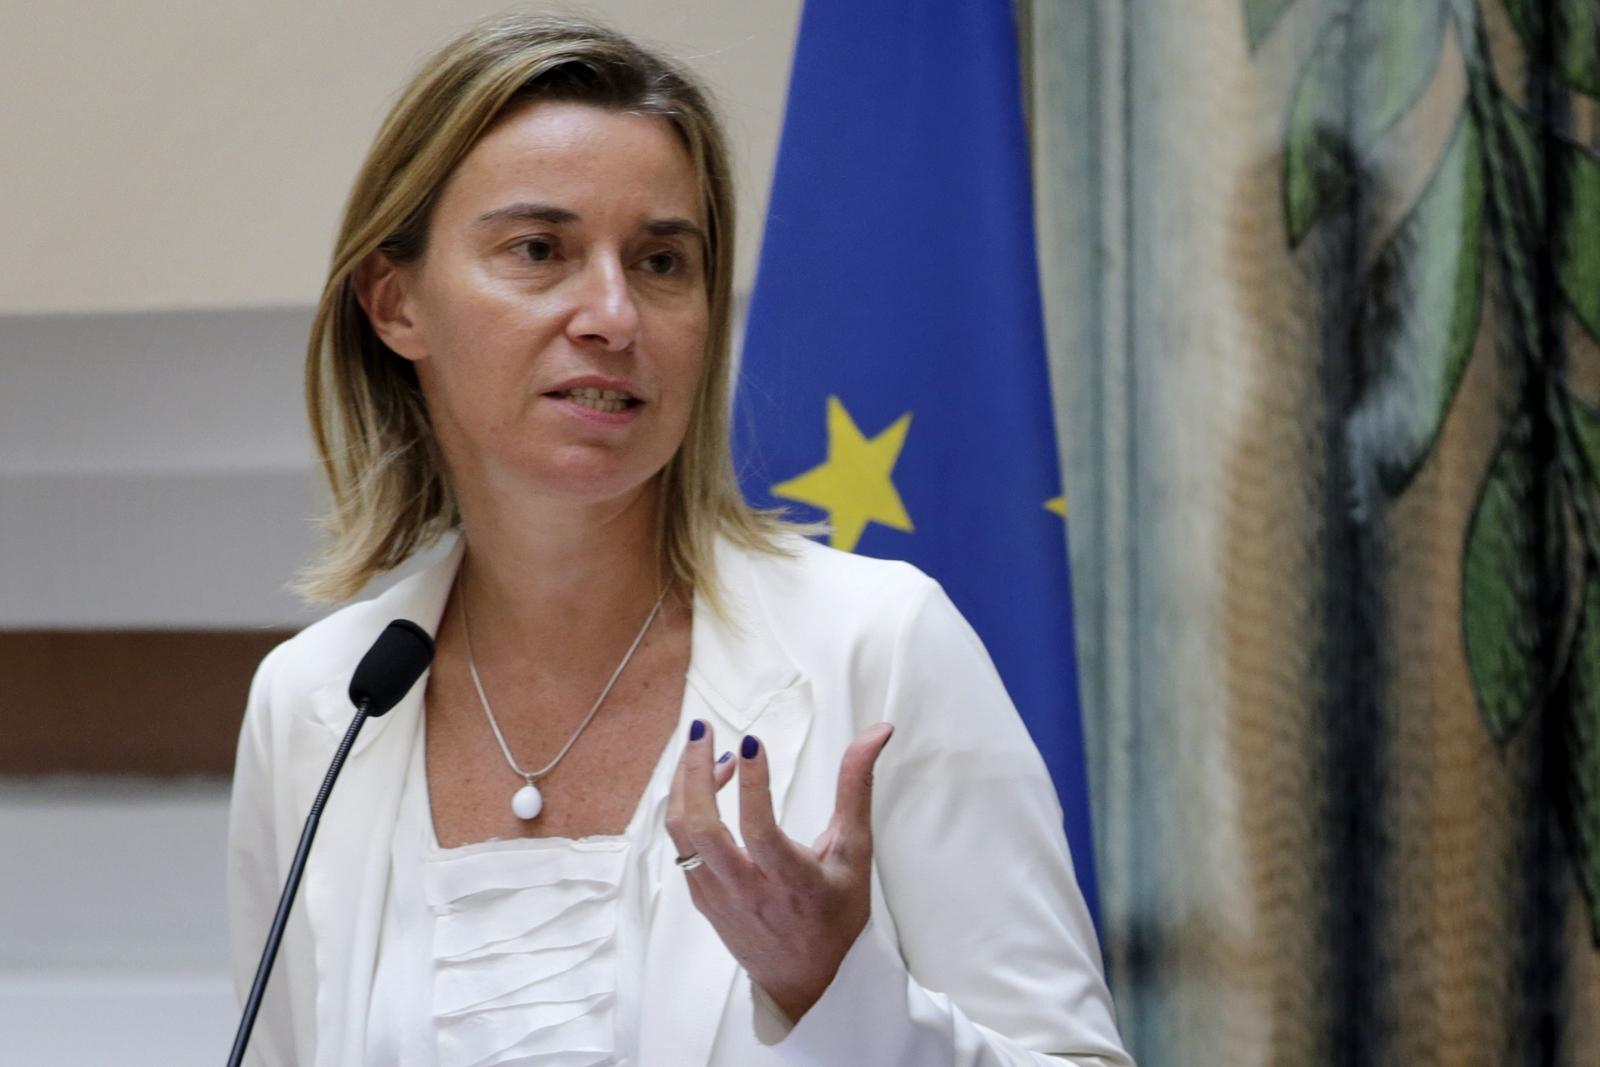 EU Foreign Policy Chief Federica Mogheirni